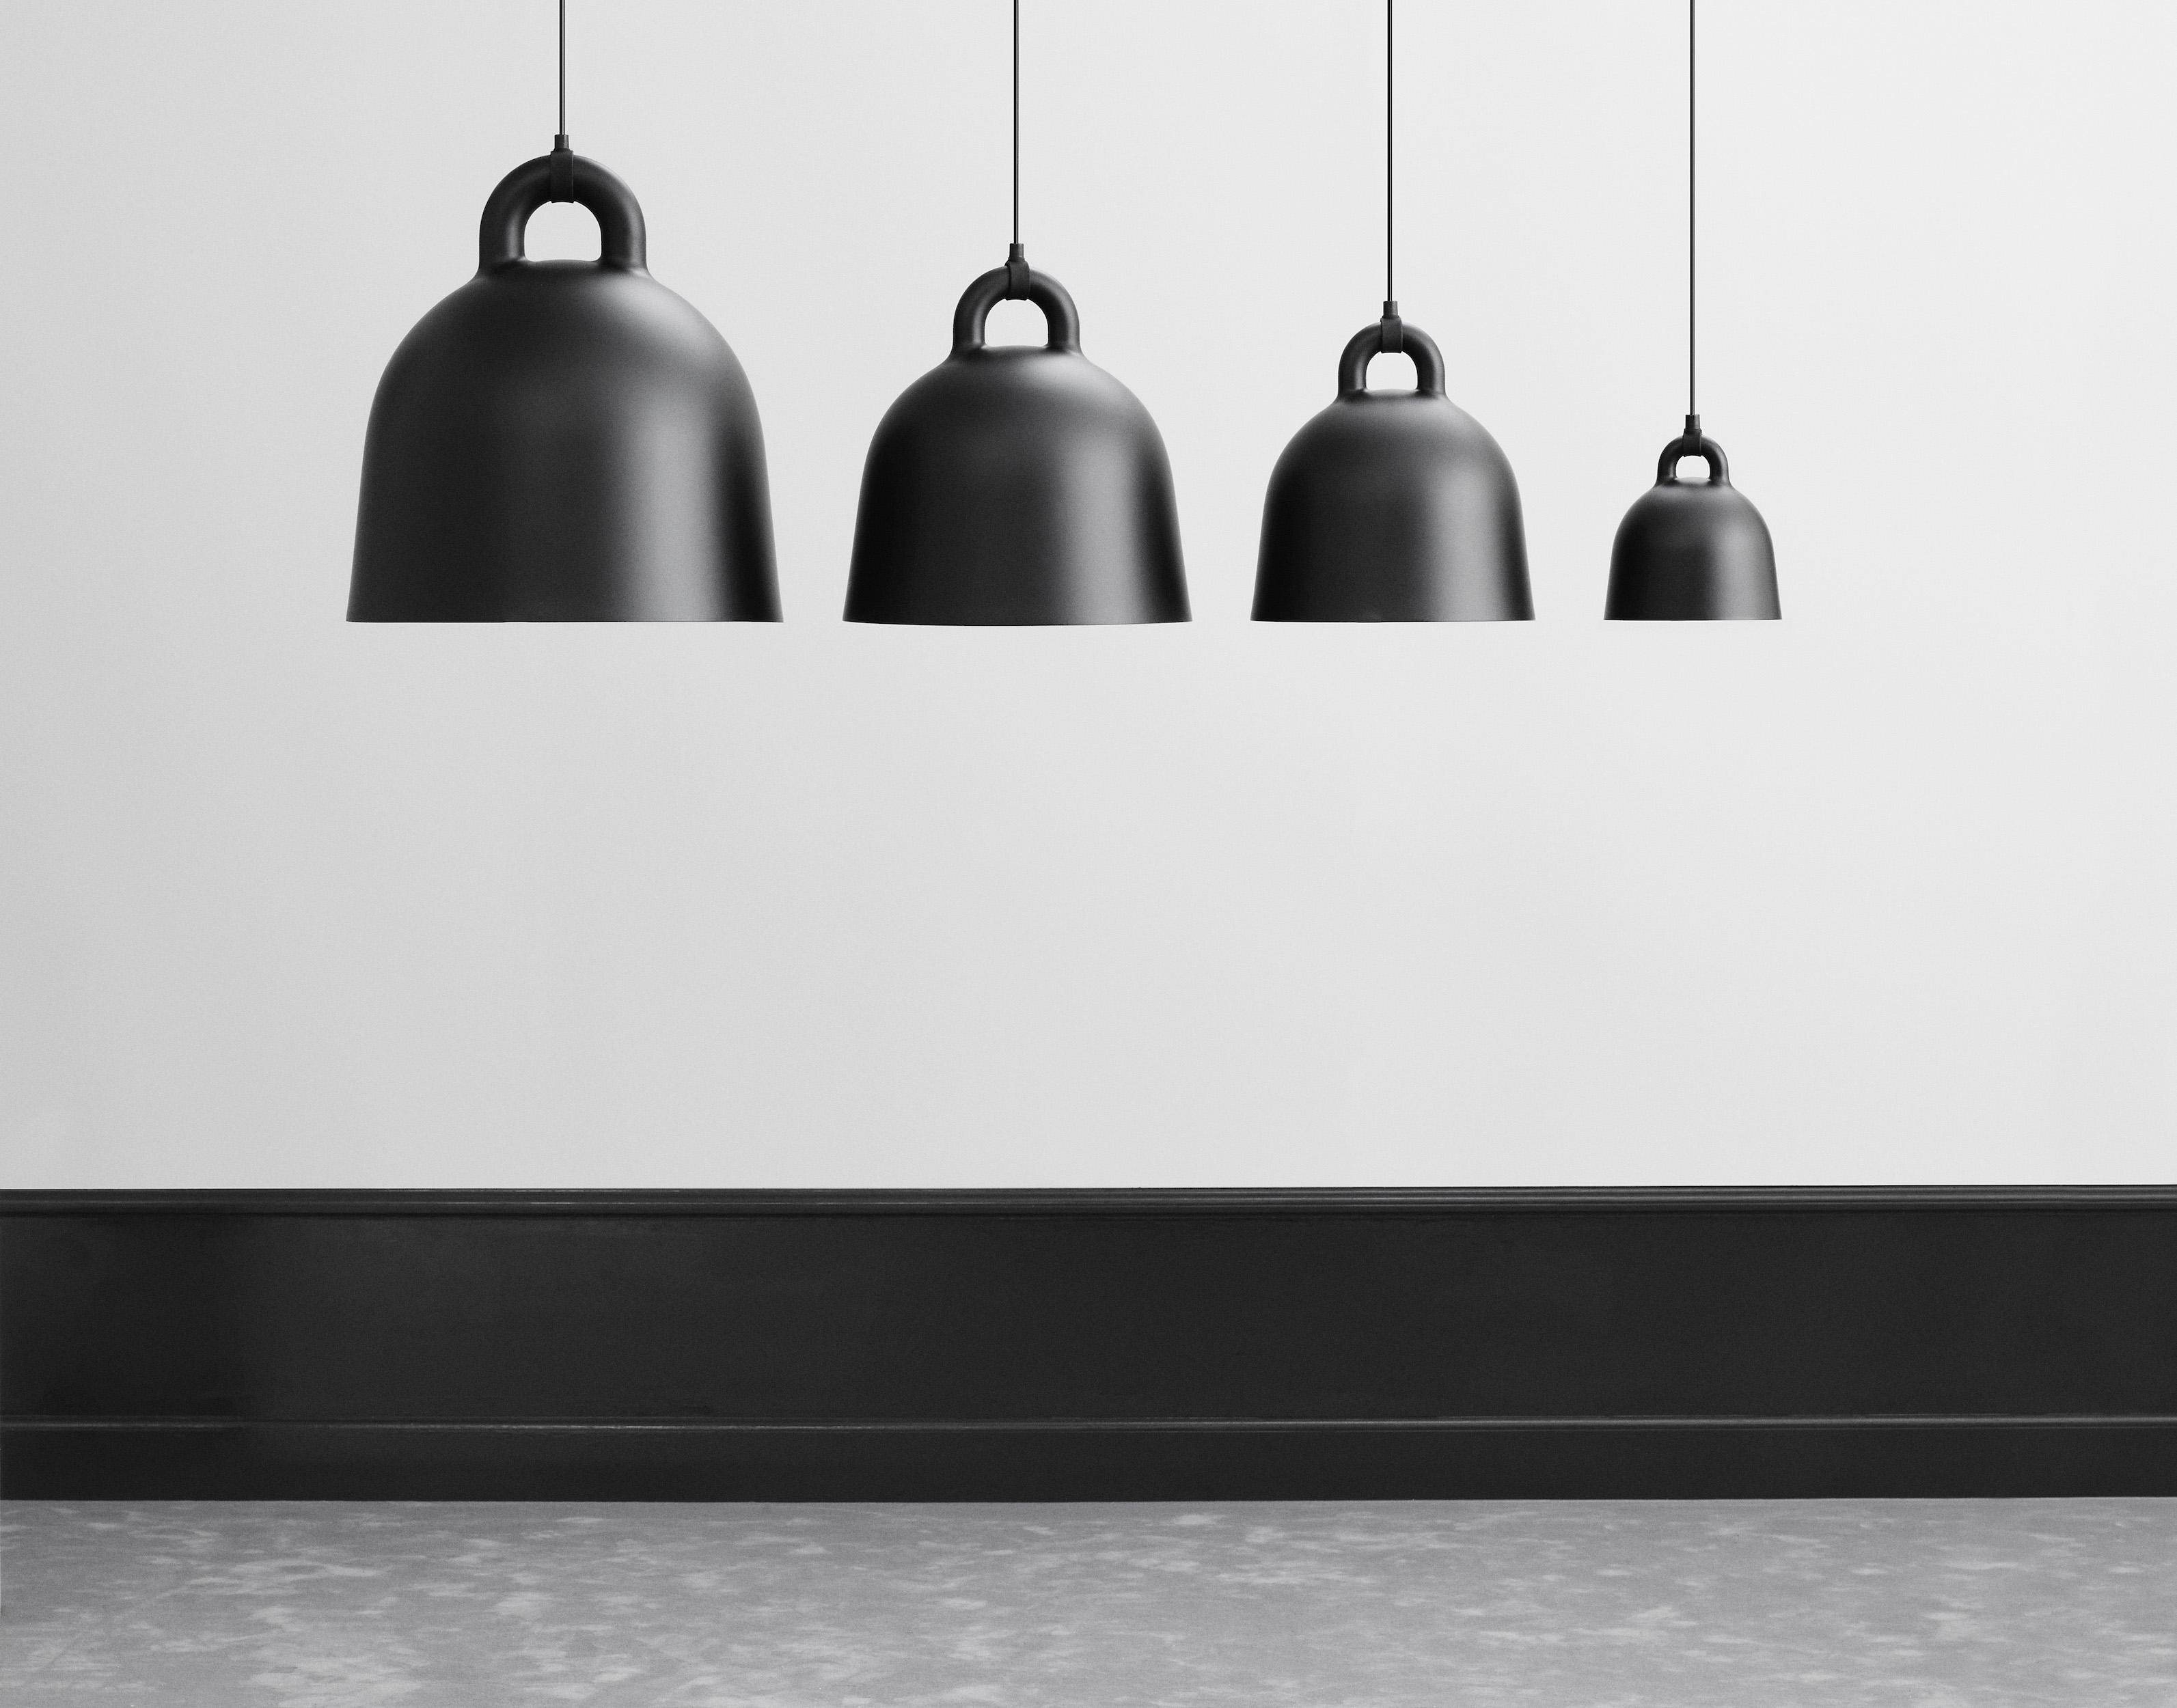 normann copenhagen bell lamp design rikke hagen. Black Bedroom Furniture Sets. Home Design Ideas